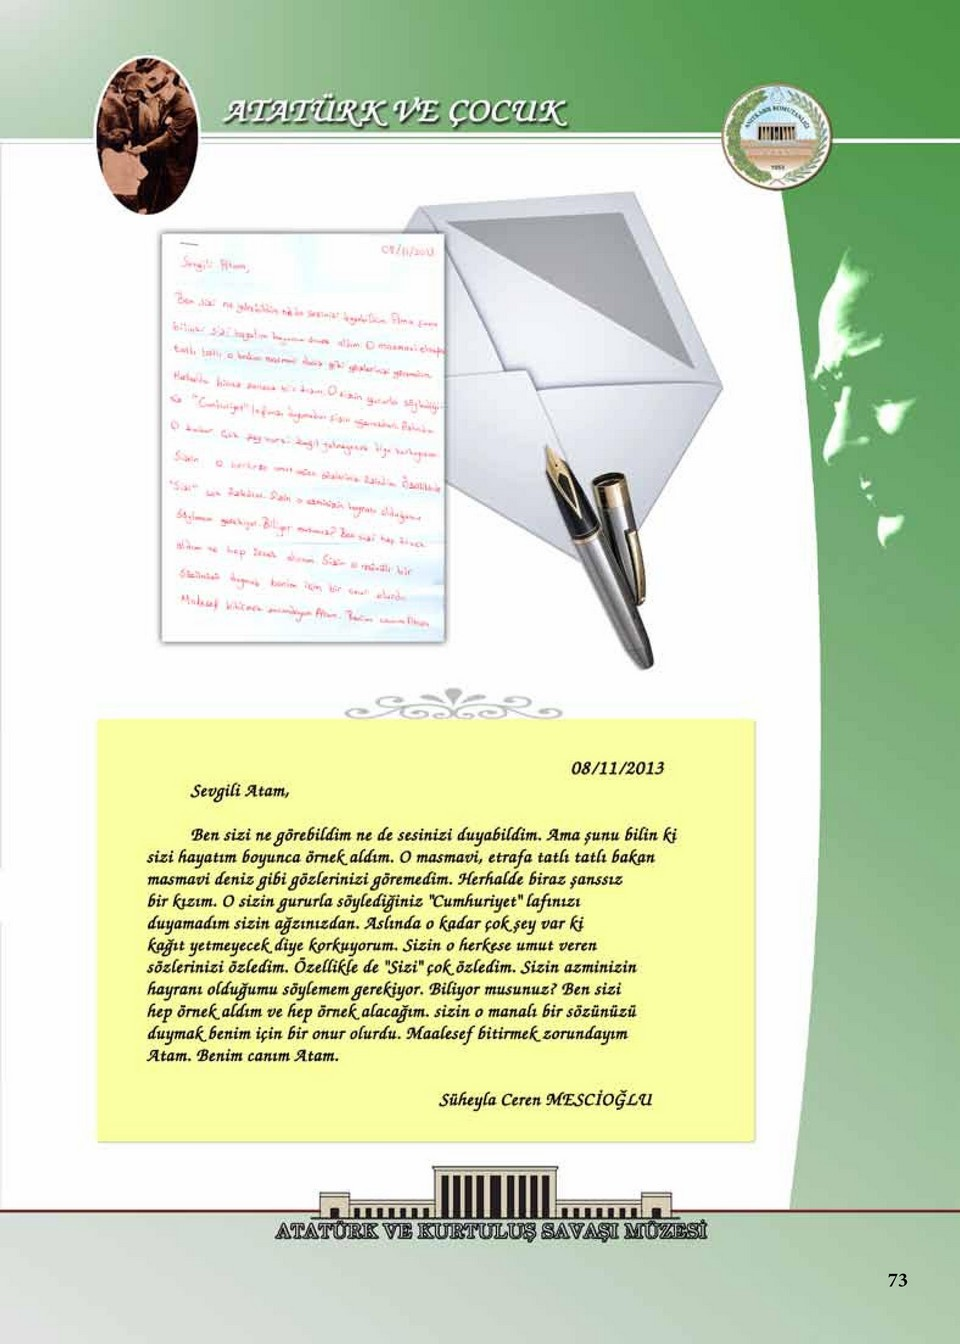 ataturkvecocuk-page-075